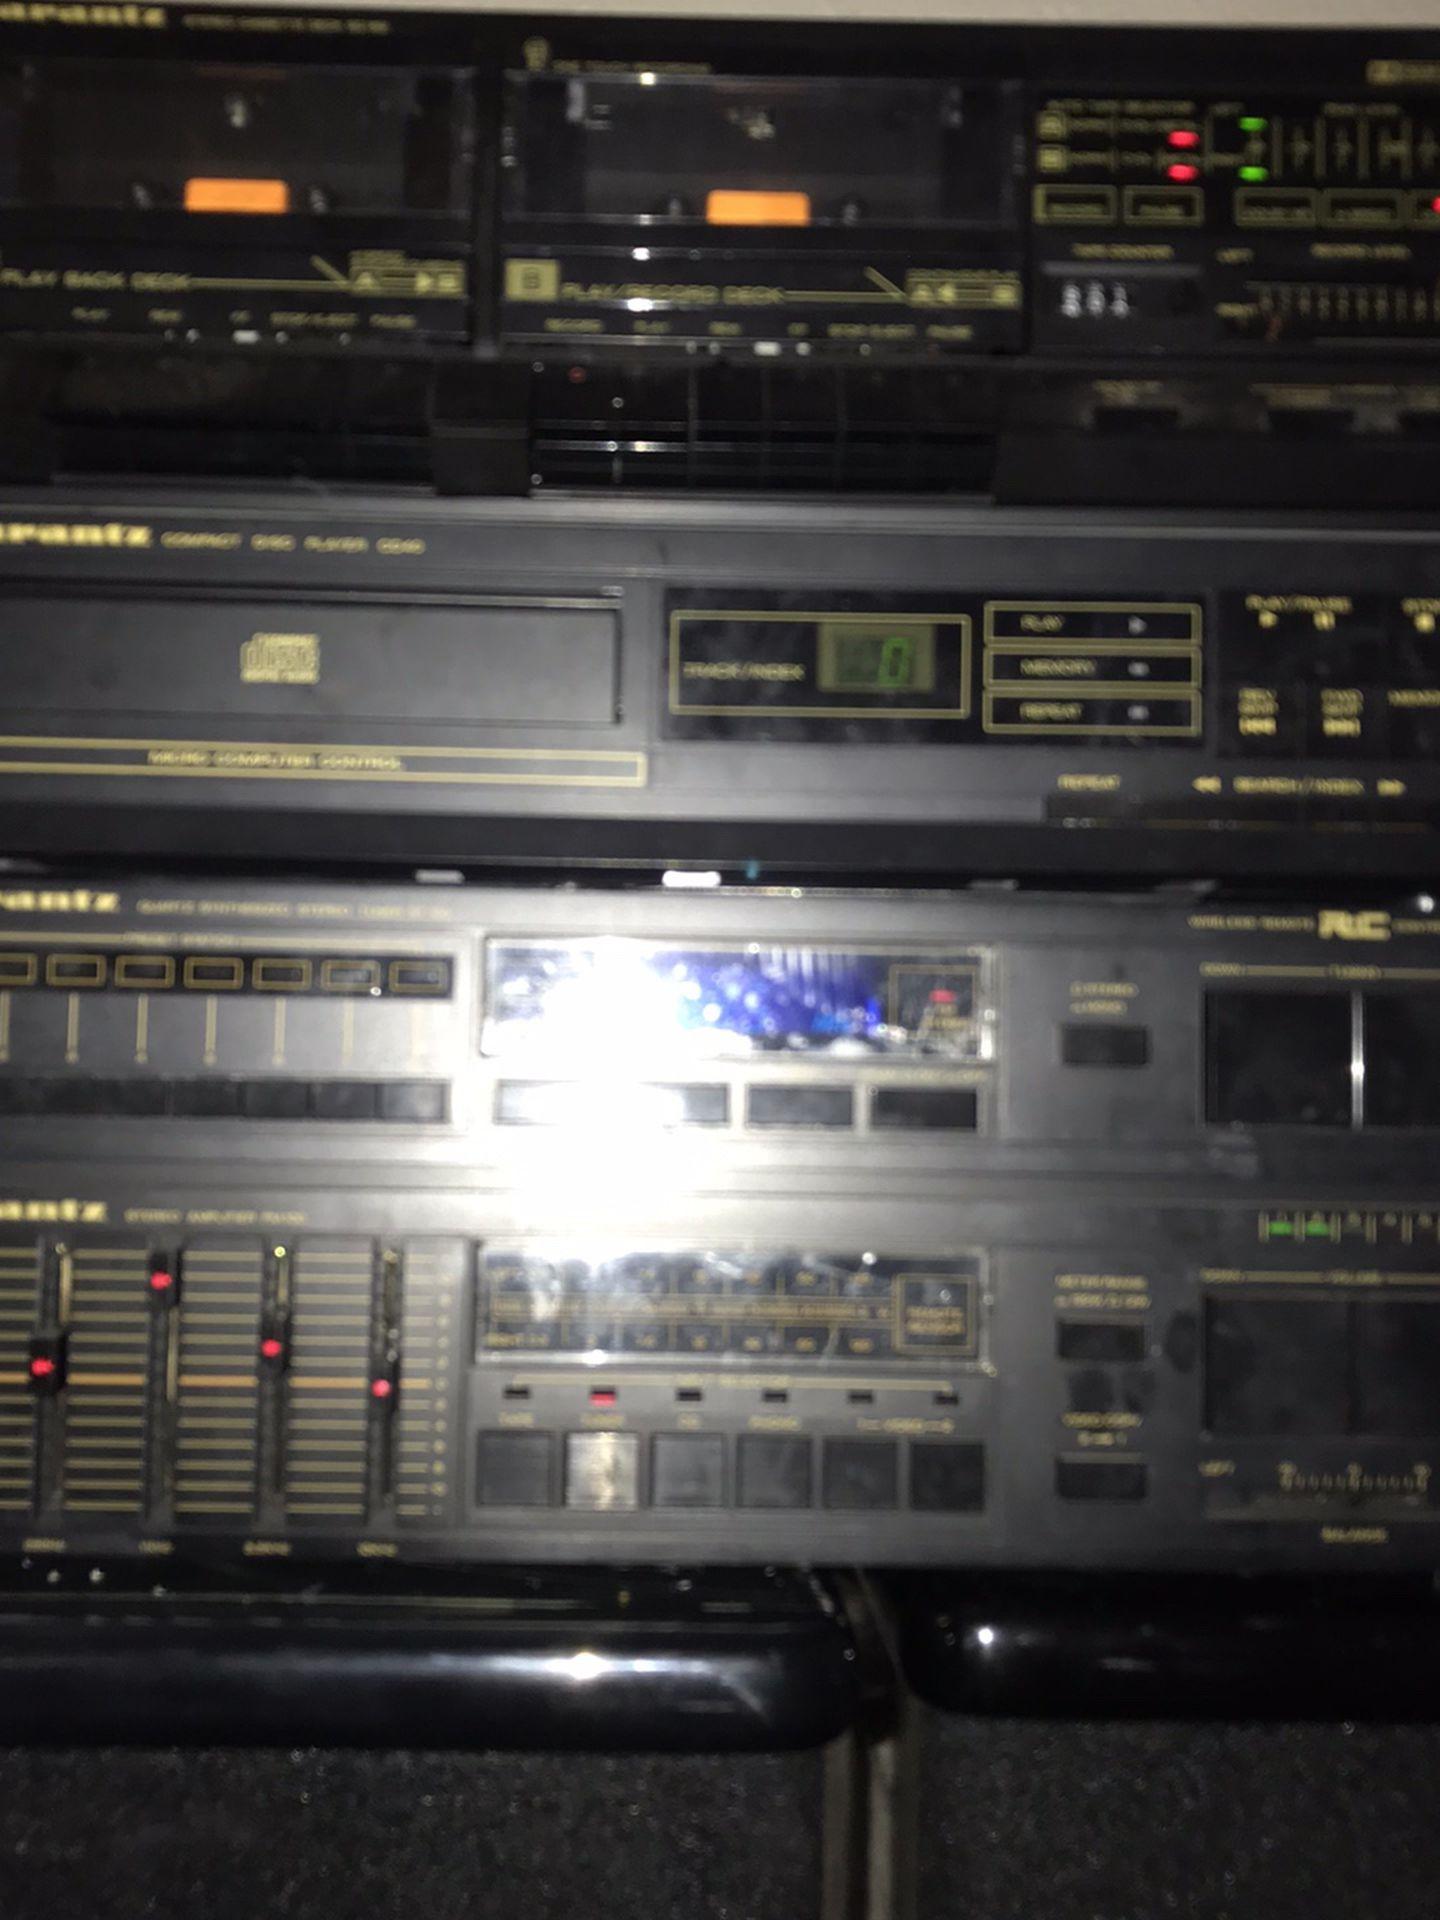 Marantz Stereo,cassette,cd Player An Speakers